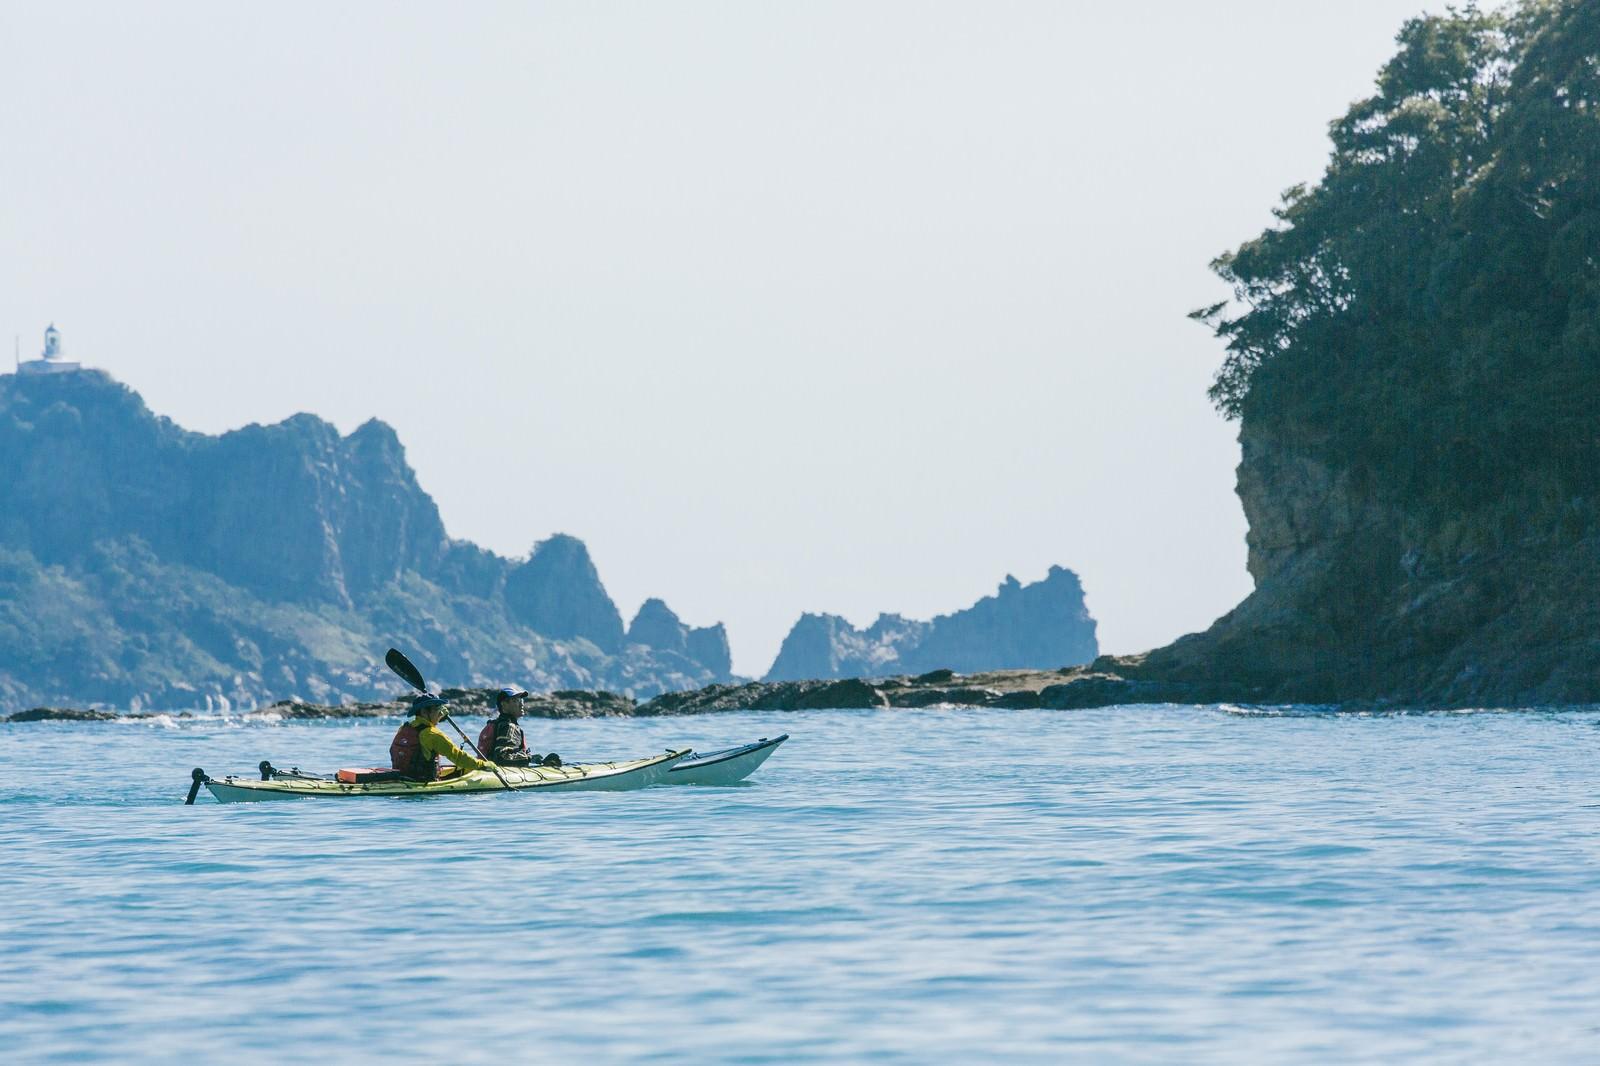 「日南市の栄松ビーチでシーカヤックの水上散歩」の写真